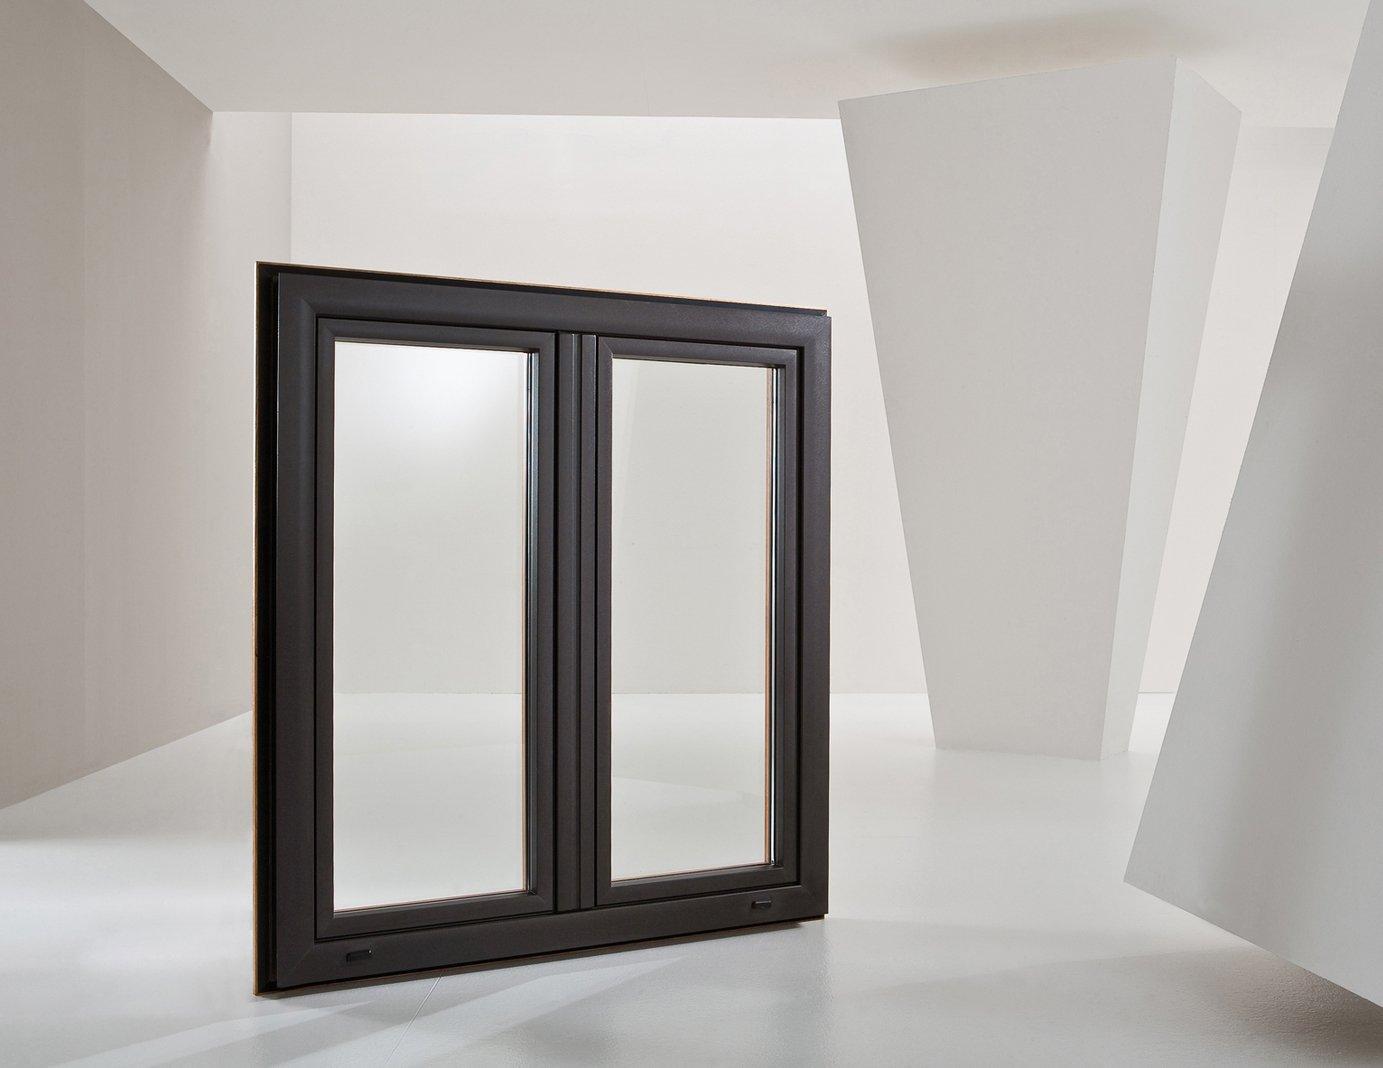 Finestra quale materiale preferire cose di casa - Condensa su finestre in alluminio ...